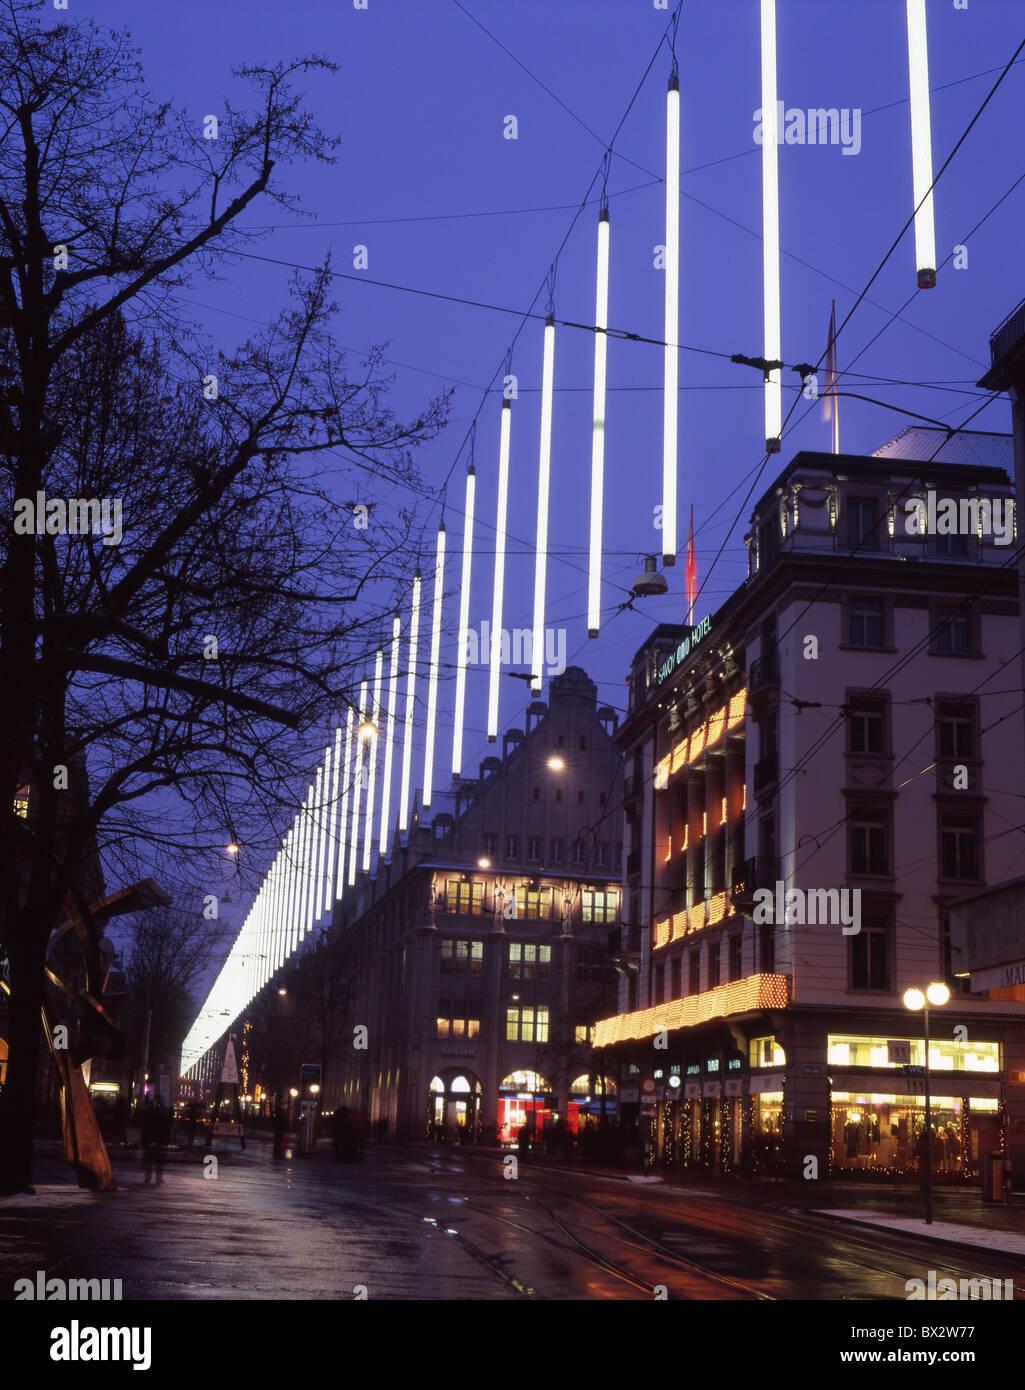 Zurich Town City Christmas Bahnhofstrasse Stockfotos & Zurich Town ...